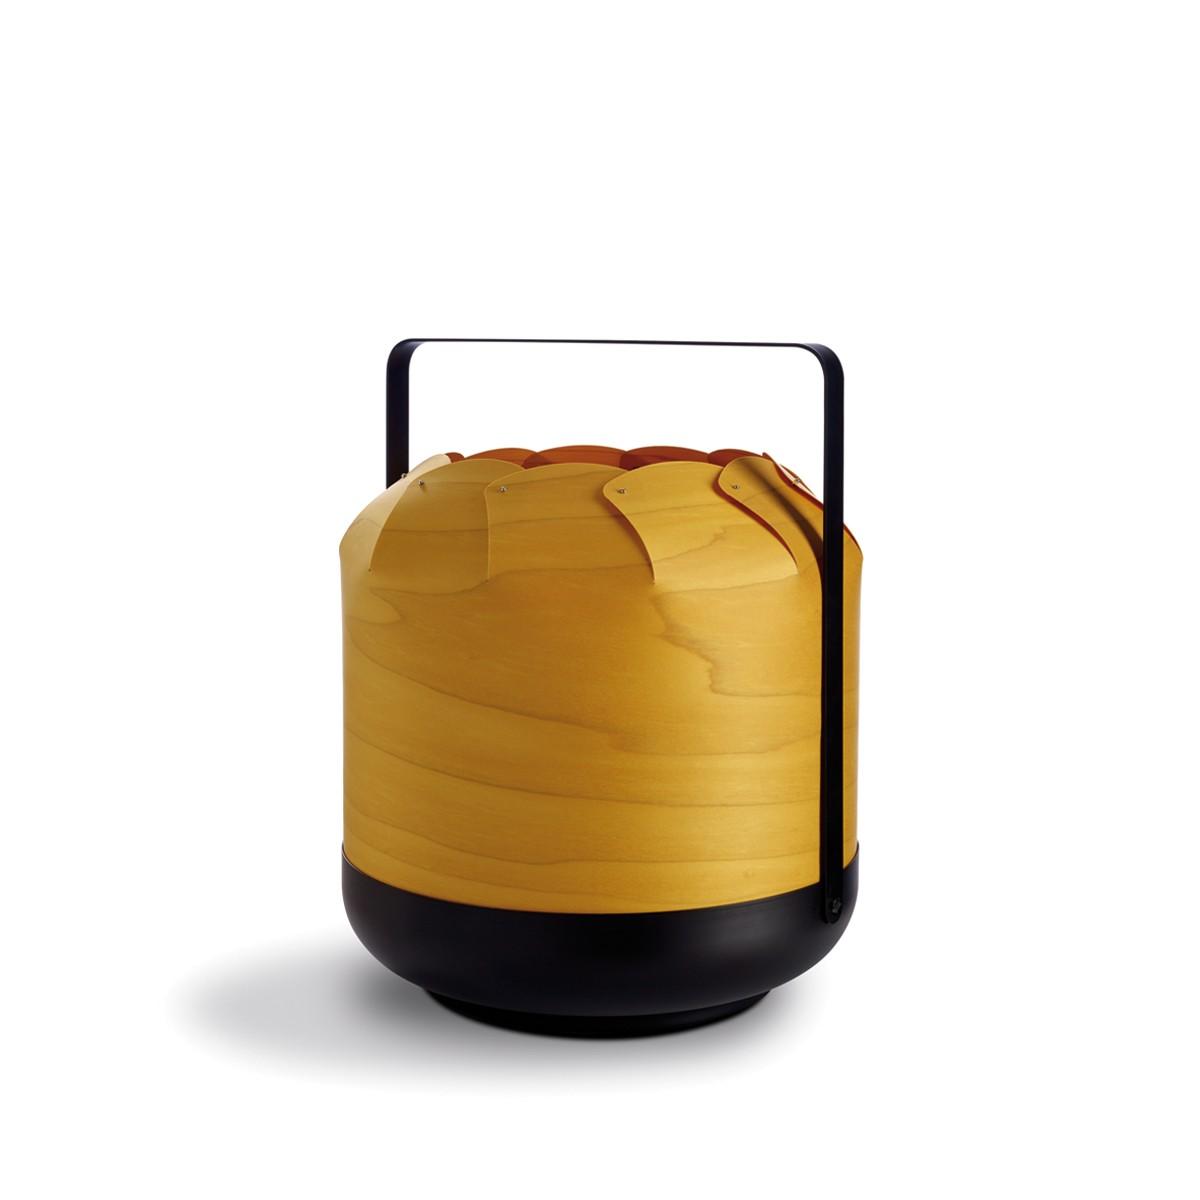 LZF Lamps Chou Short Tischleuchte, gelb